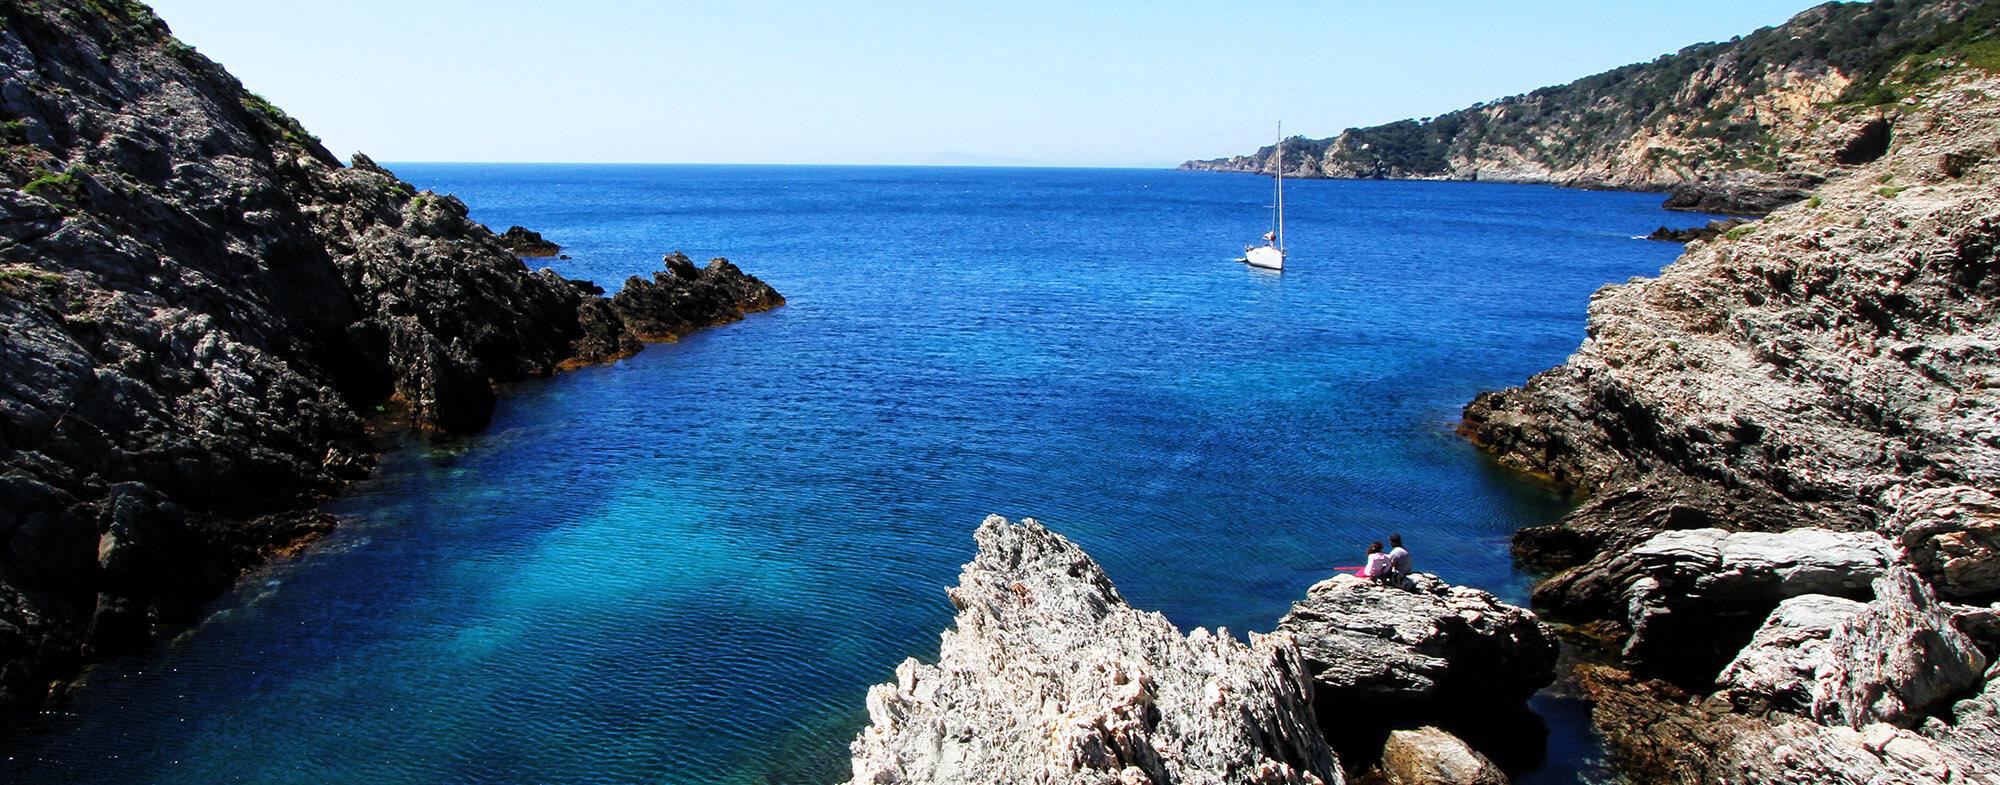 Plages de sable, activités nautiques, randonnées... Pour vos vacances à Hyères, découvrez le cadre exceptionnel et préservé de la Presqu île de Giens.